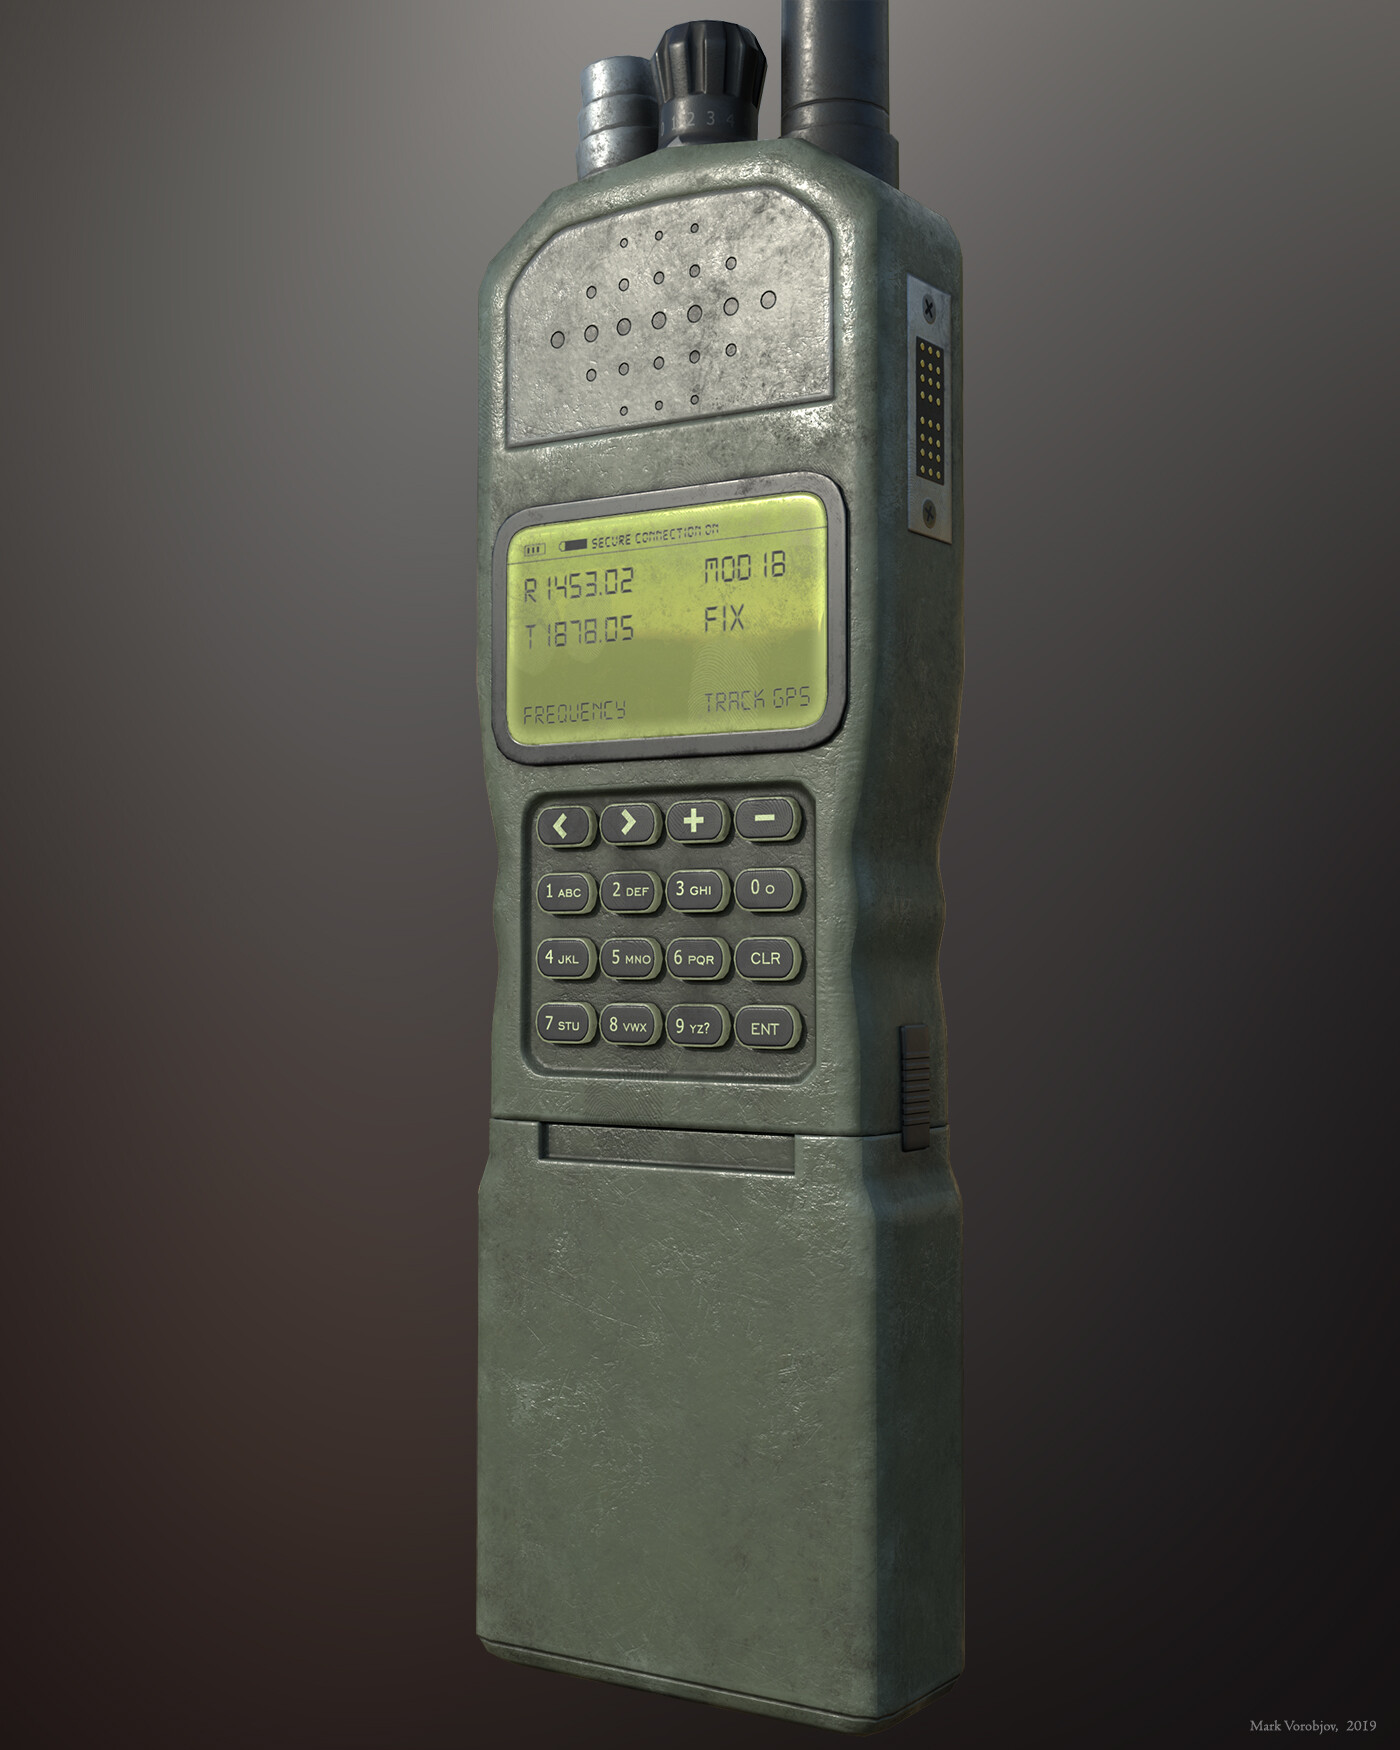 ArtStation - Military handheld radio, Mark Vorobjov